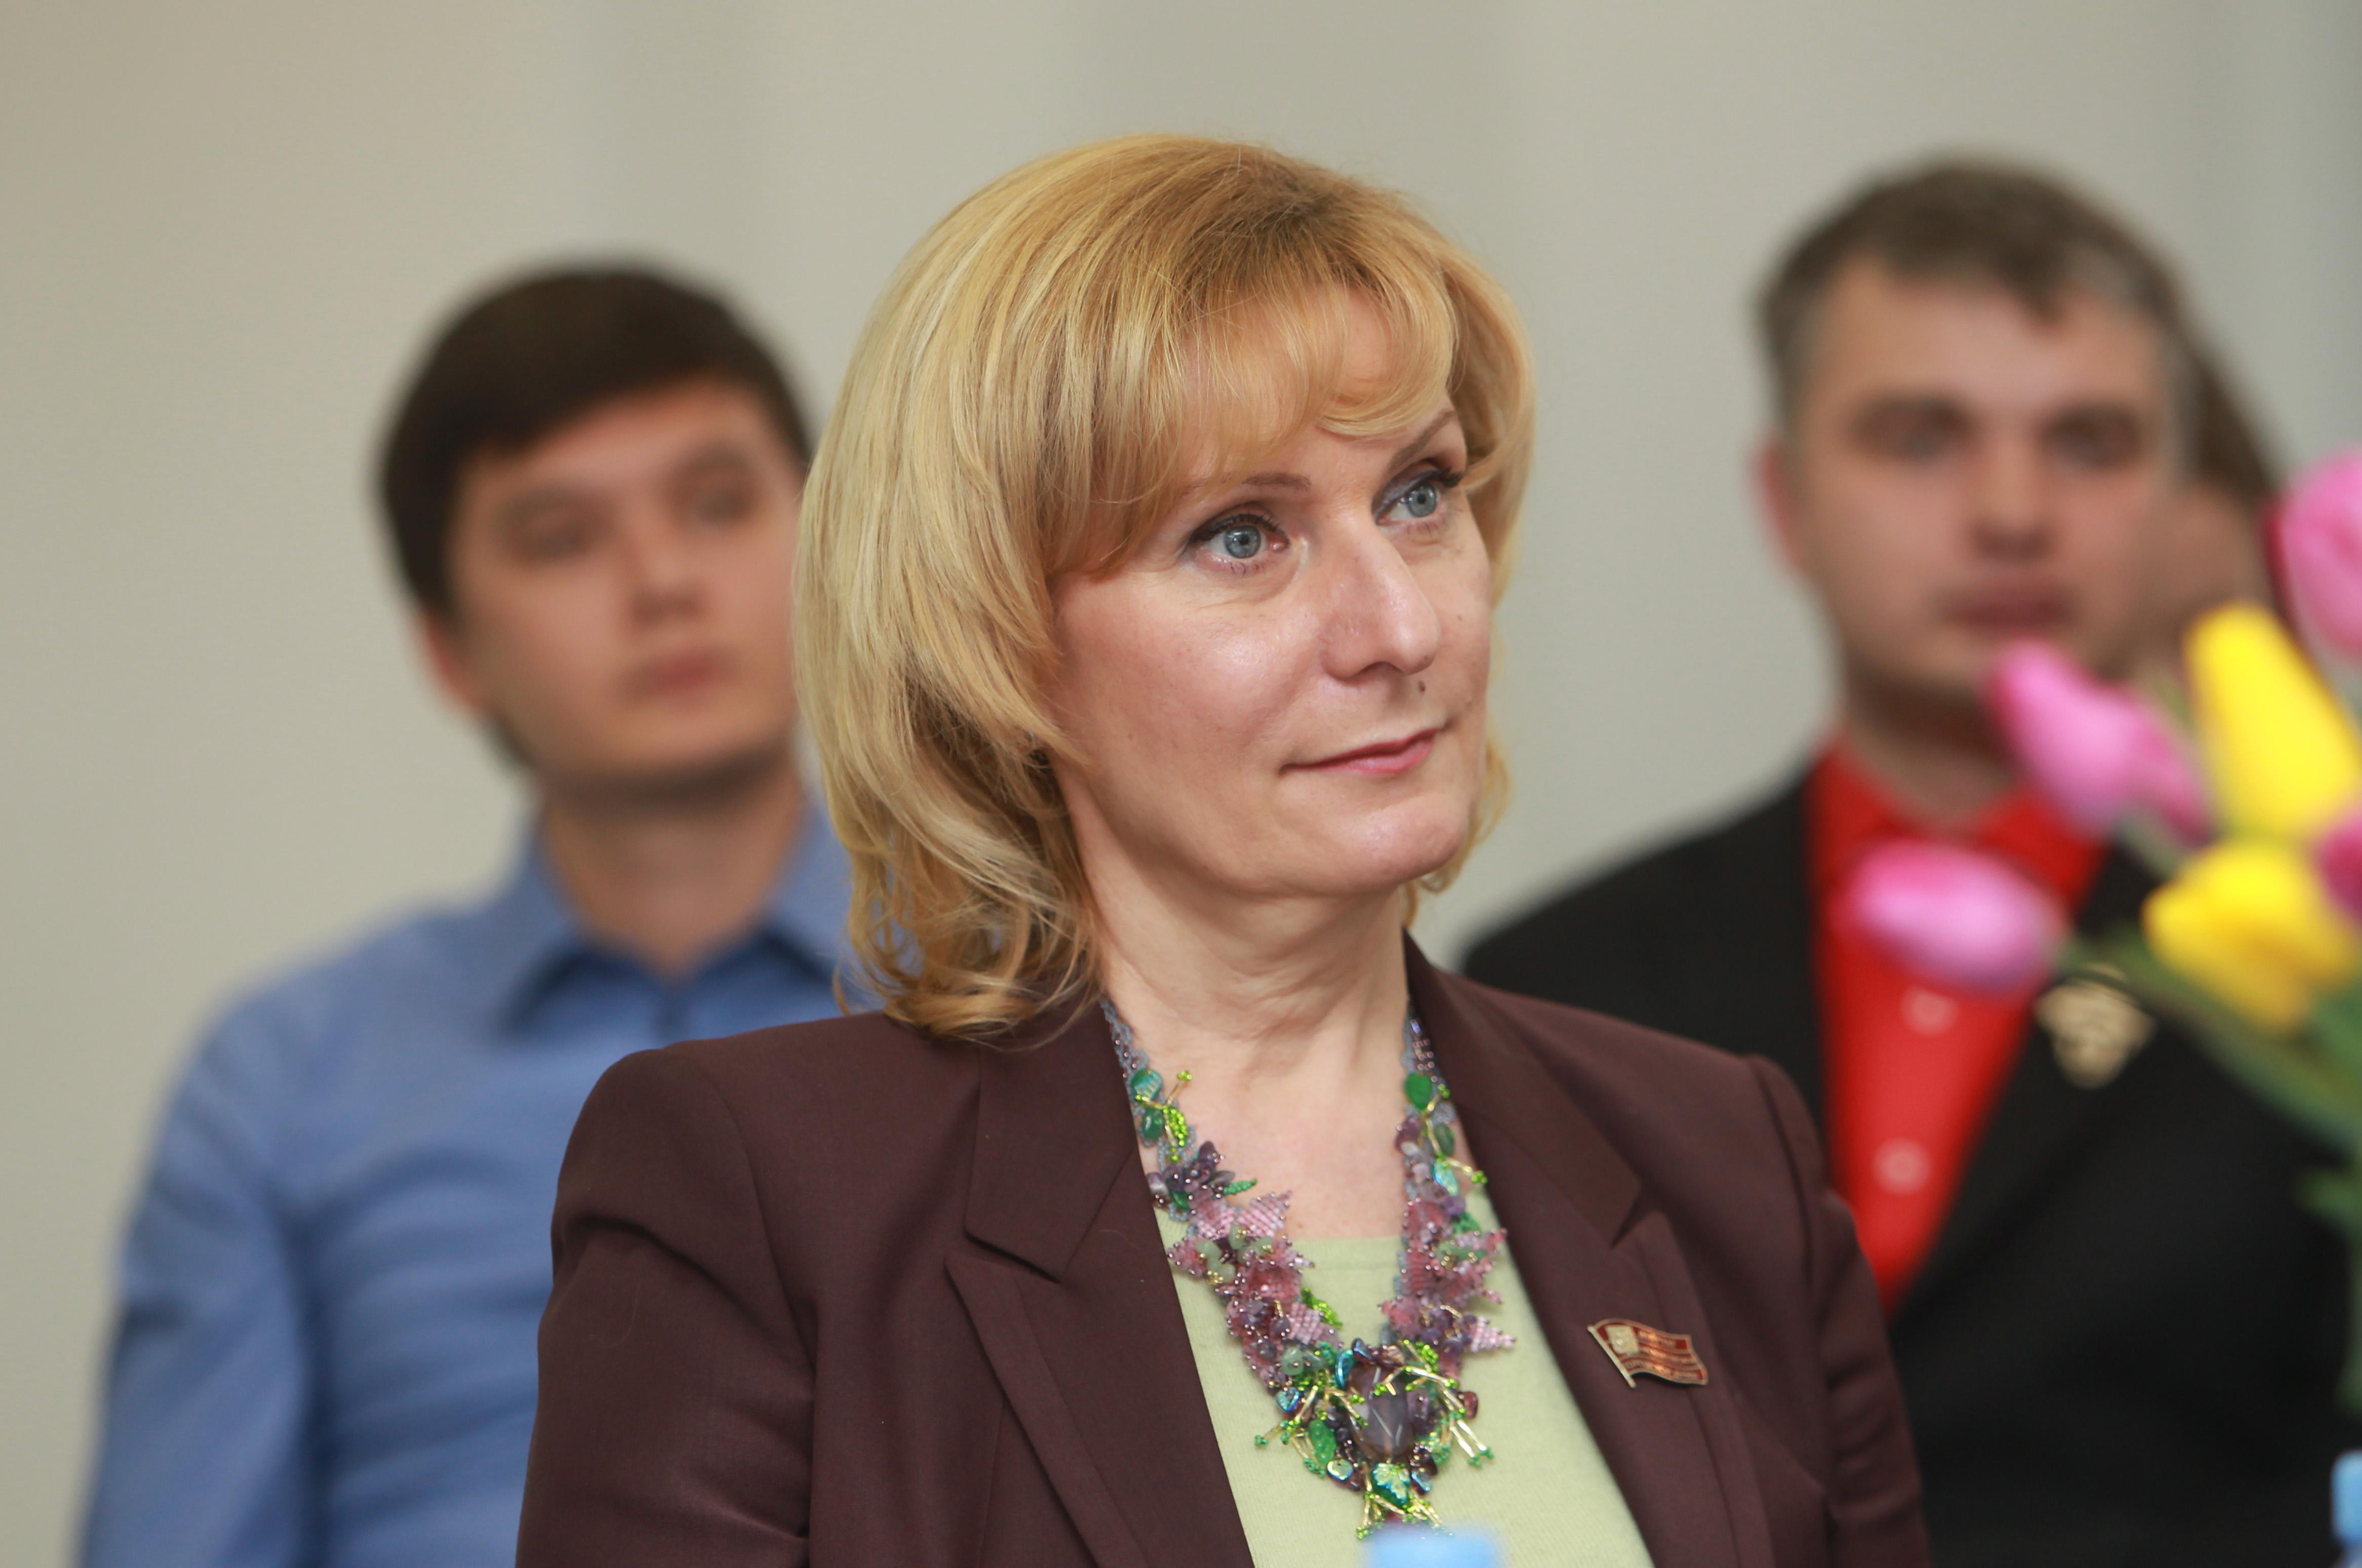 Член Совфеда Инна Святенко: Центр «Моя карьера» проведет тренинги для развития универсальных навыков